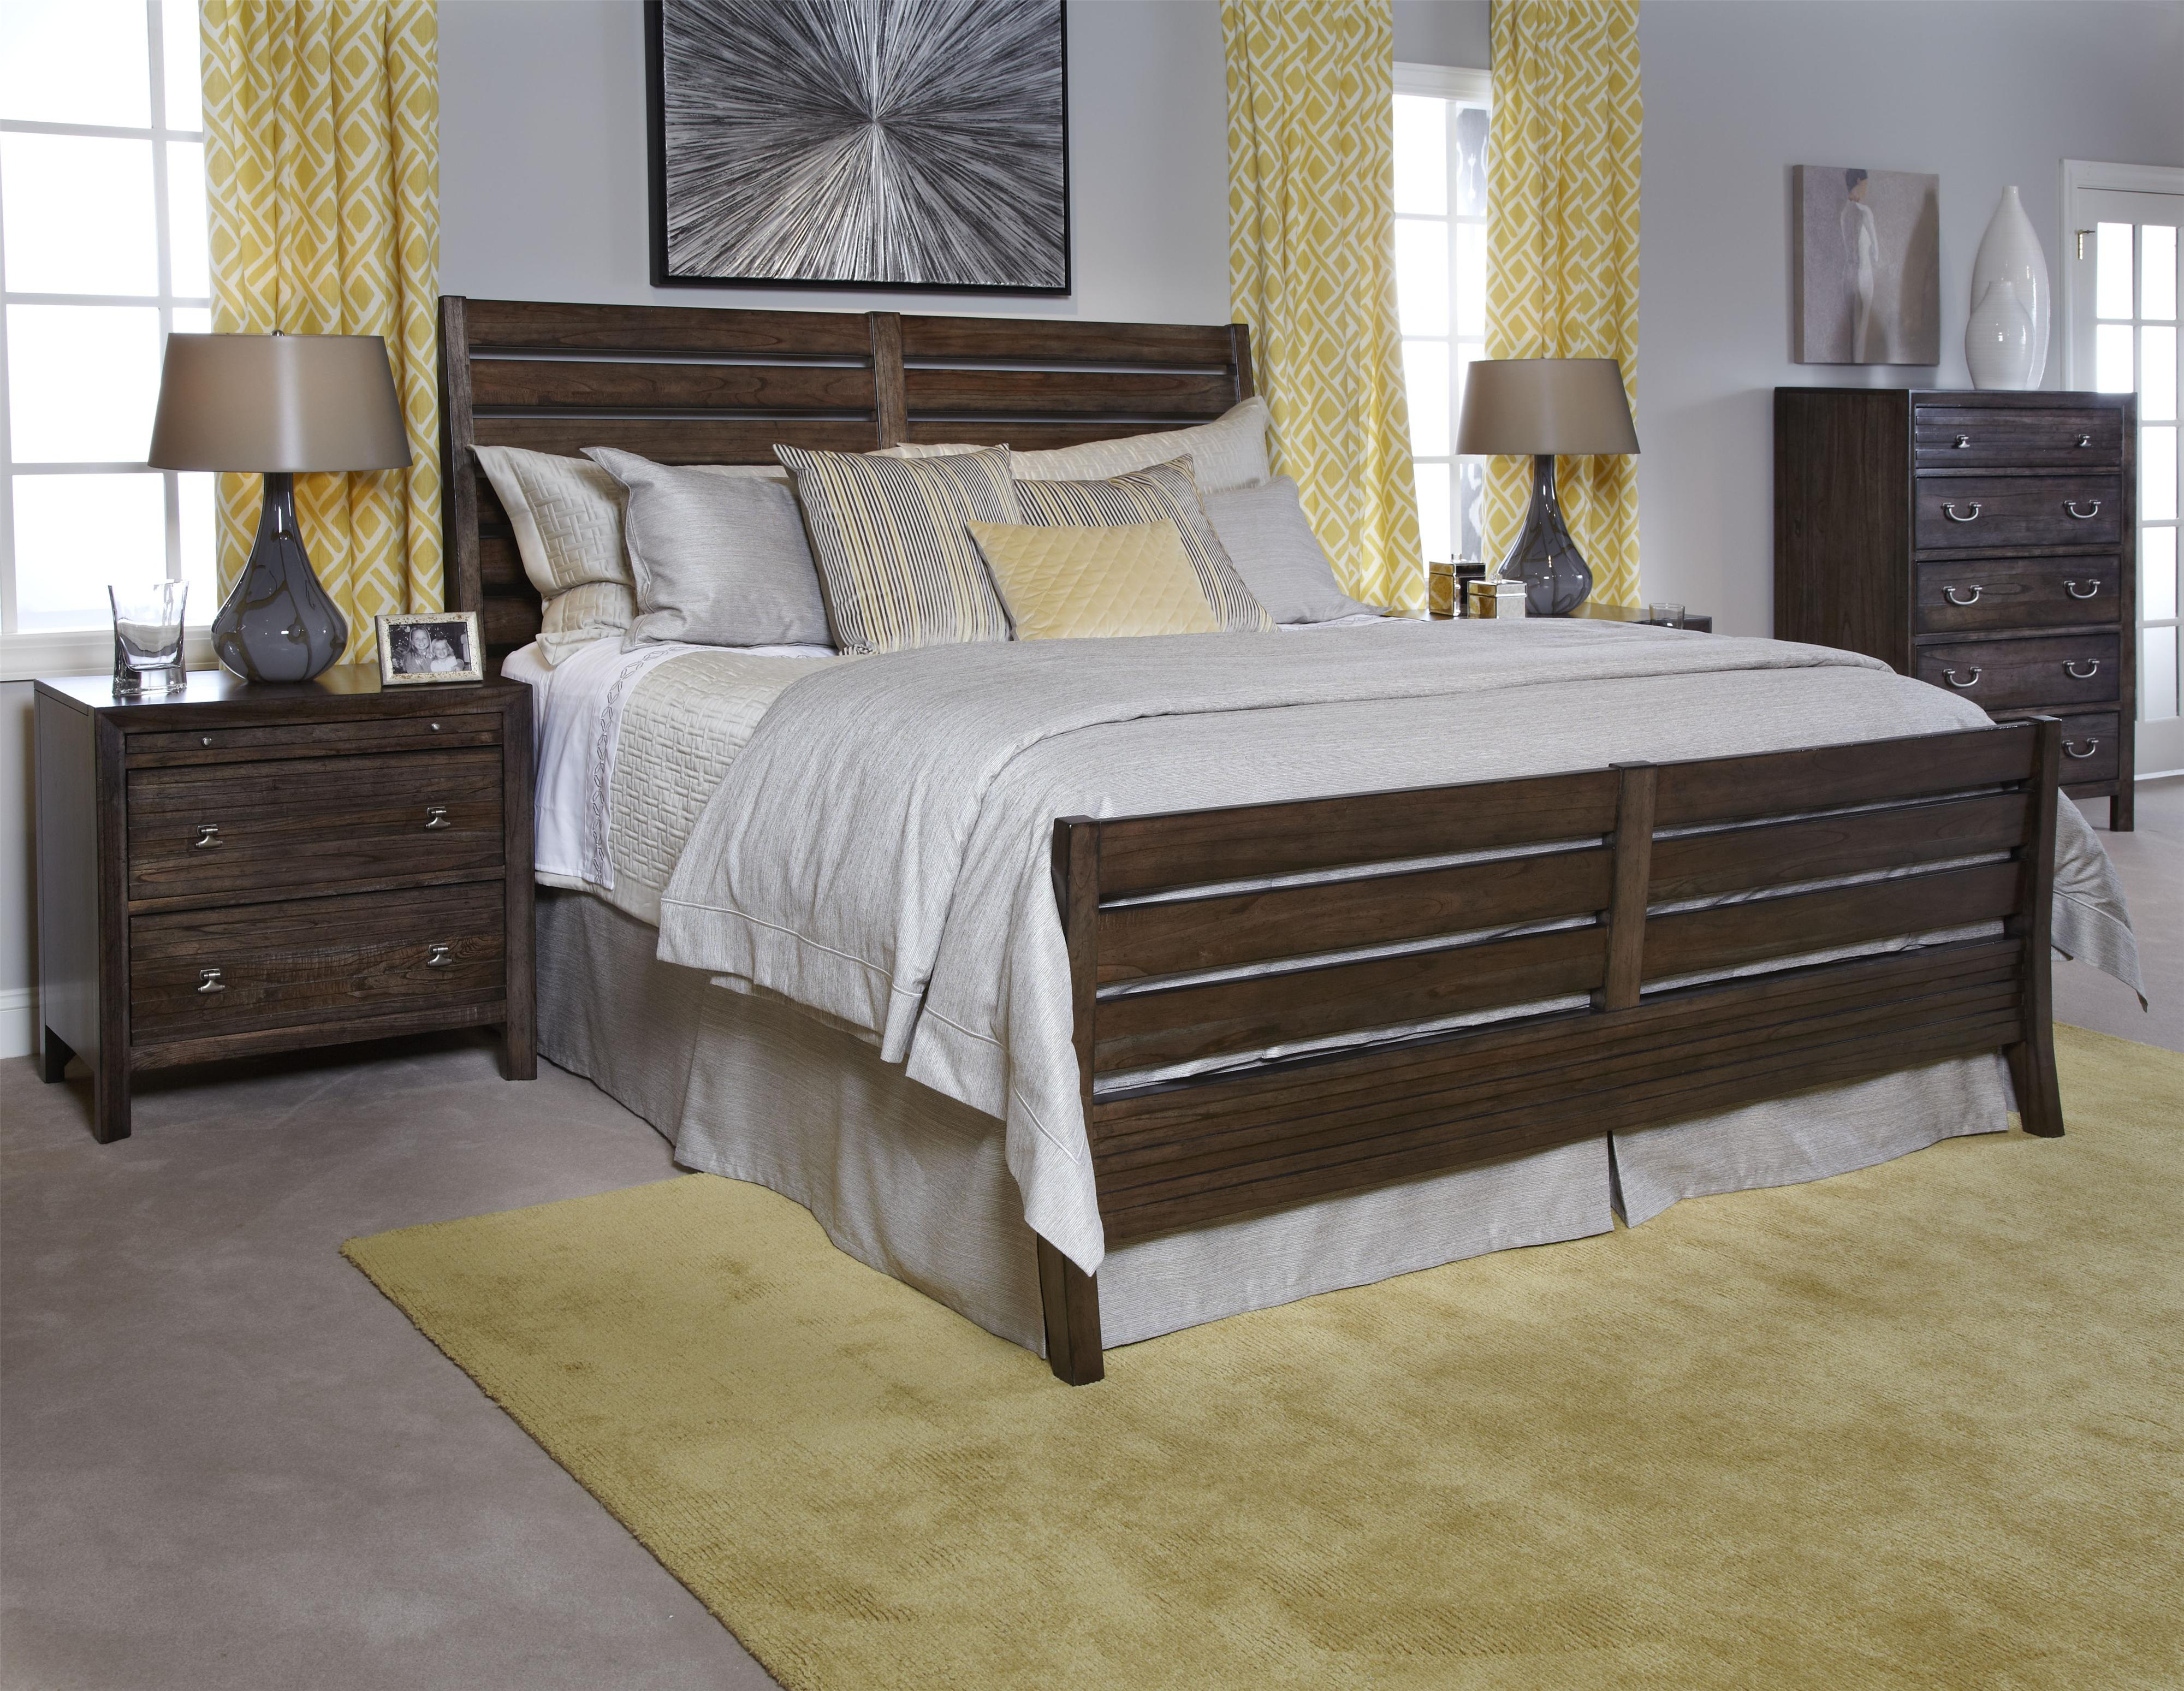 Kincaid Furniture Montreat Queen Bedroom Group   AHFA   Bedroom Group  Dealer Locator